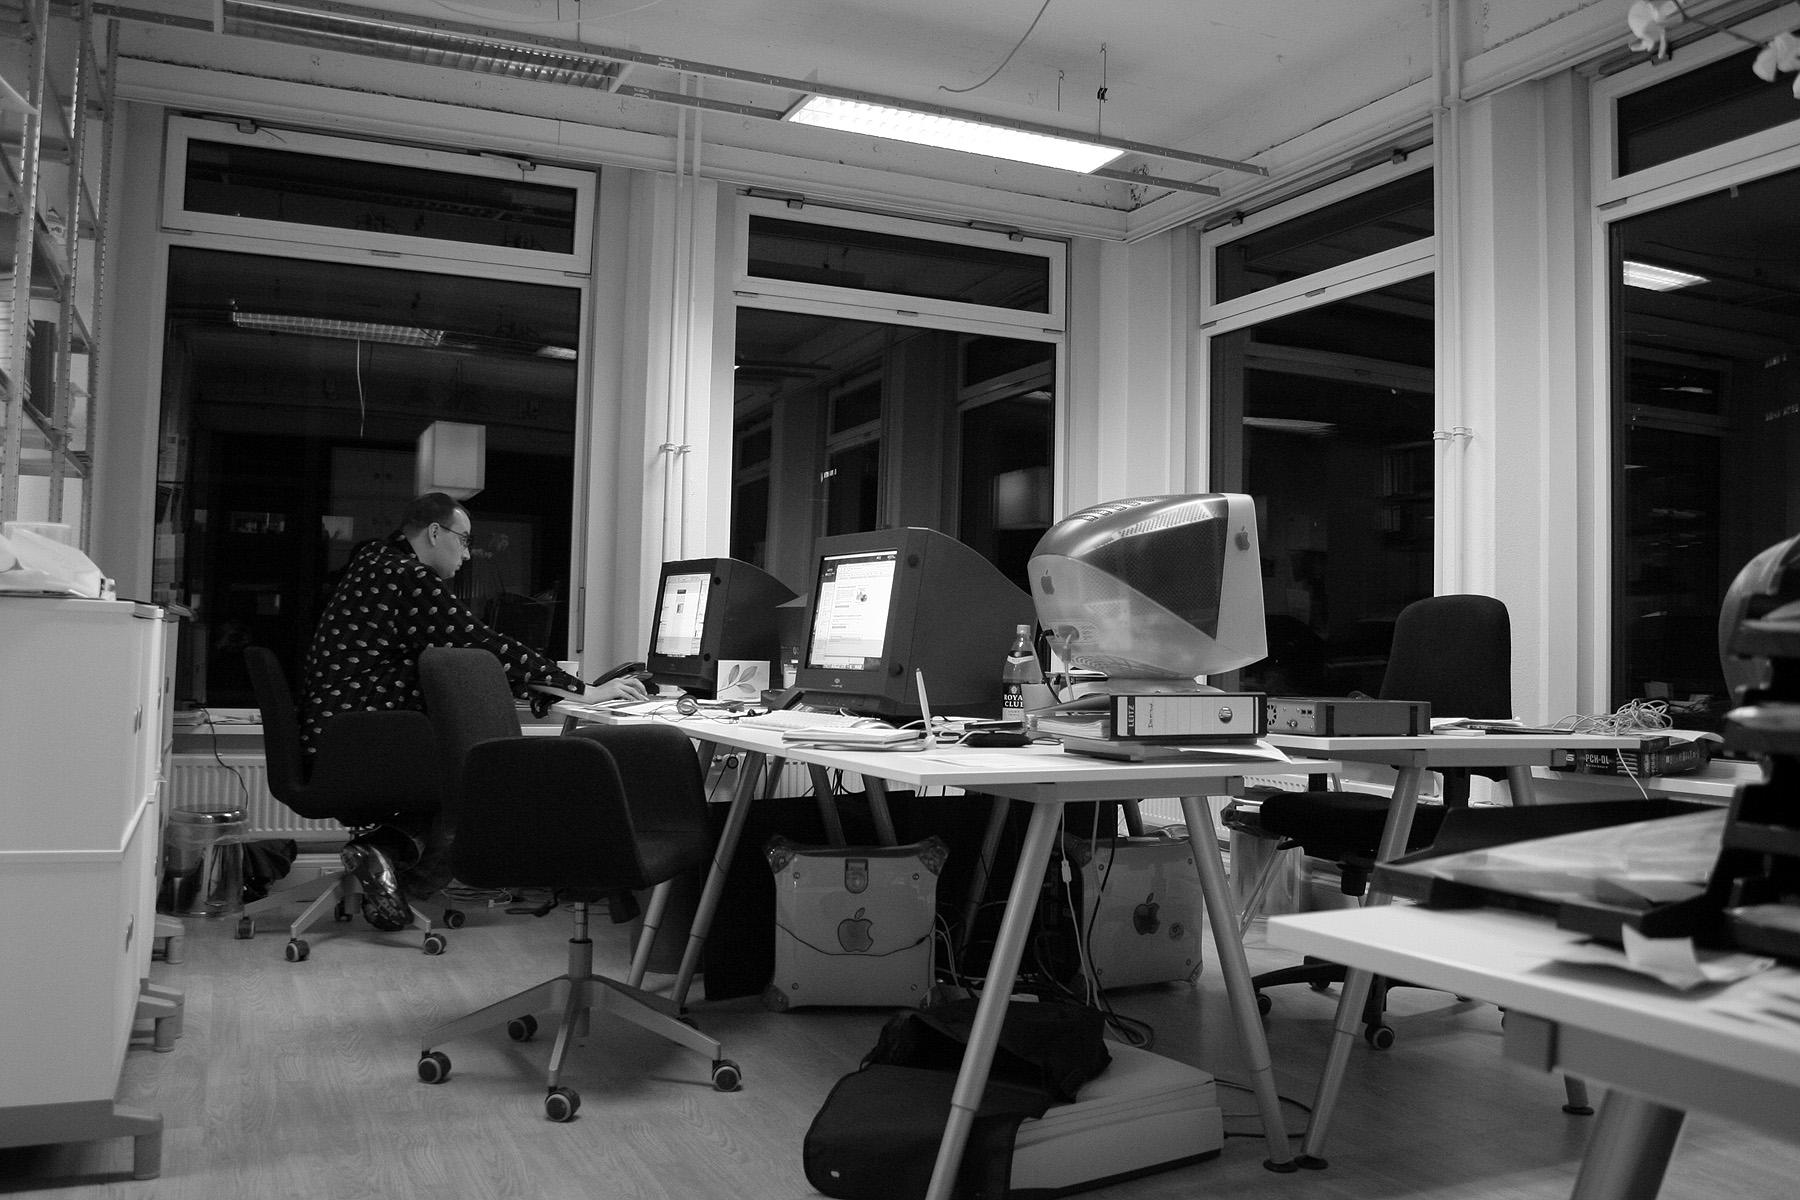 Design Studio, Screen, Studio, Outside, Design, HQ Photo